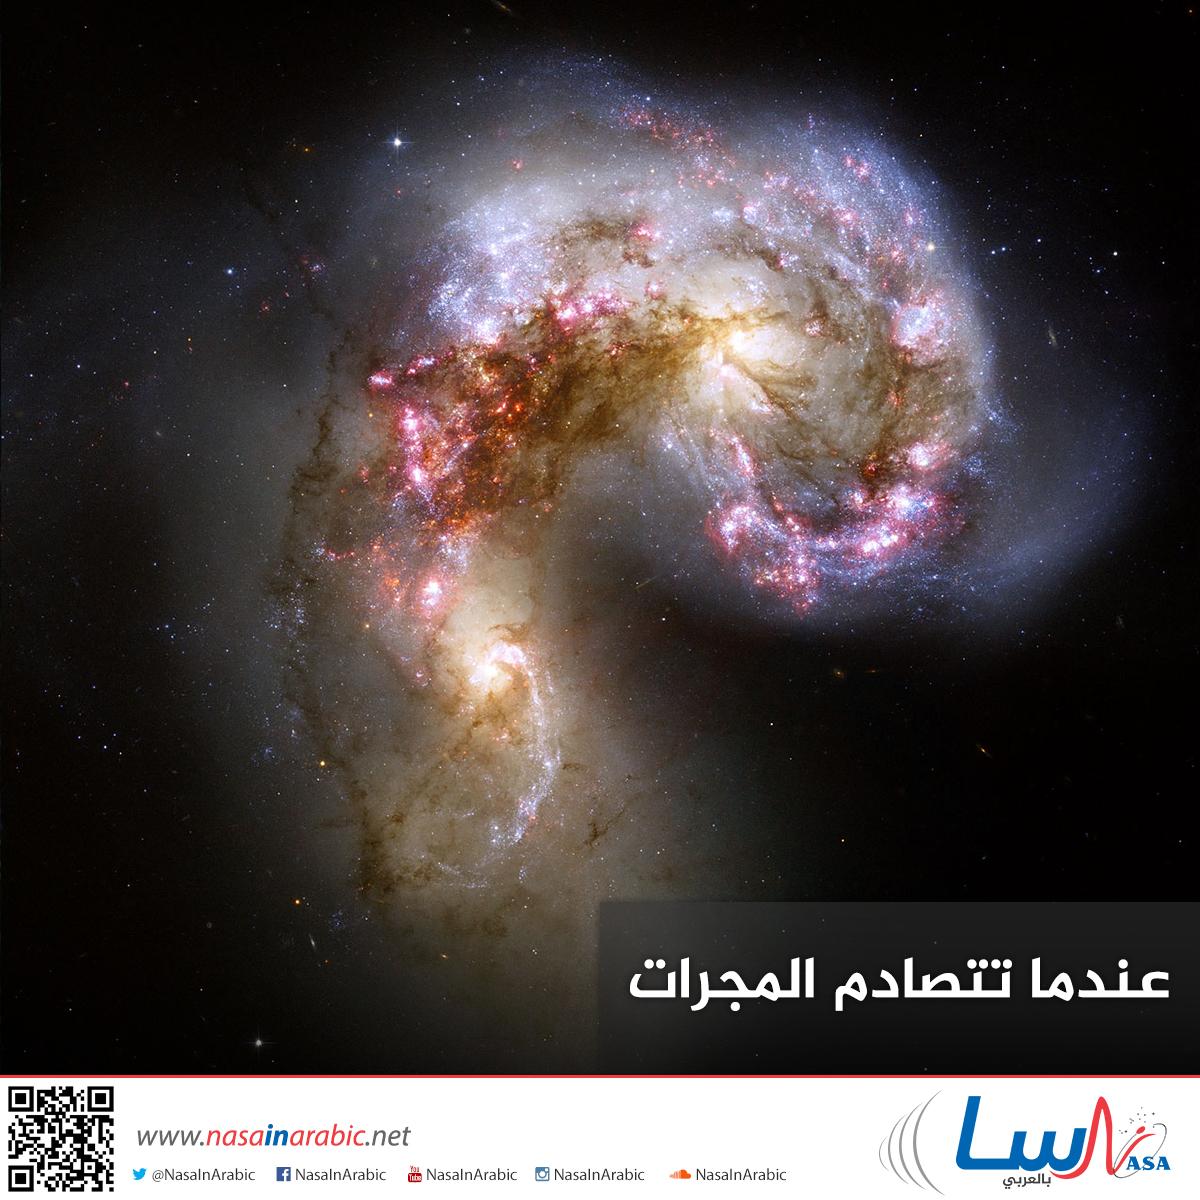 عندما تتصادم المجرات